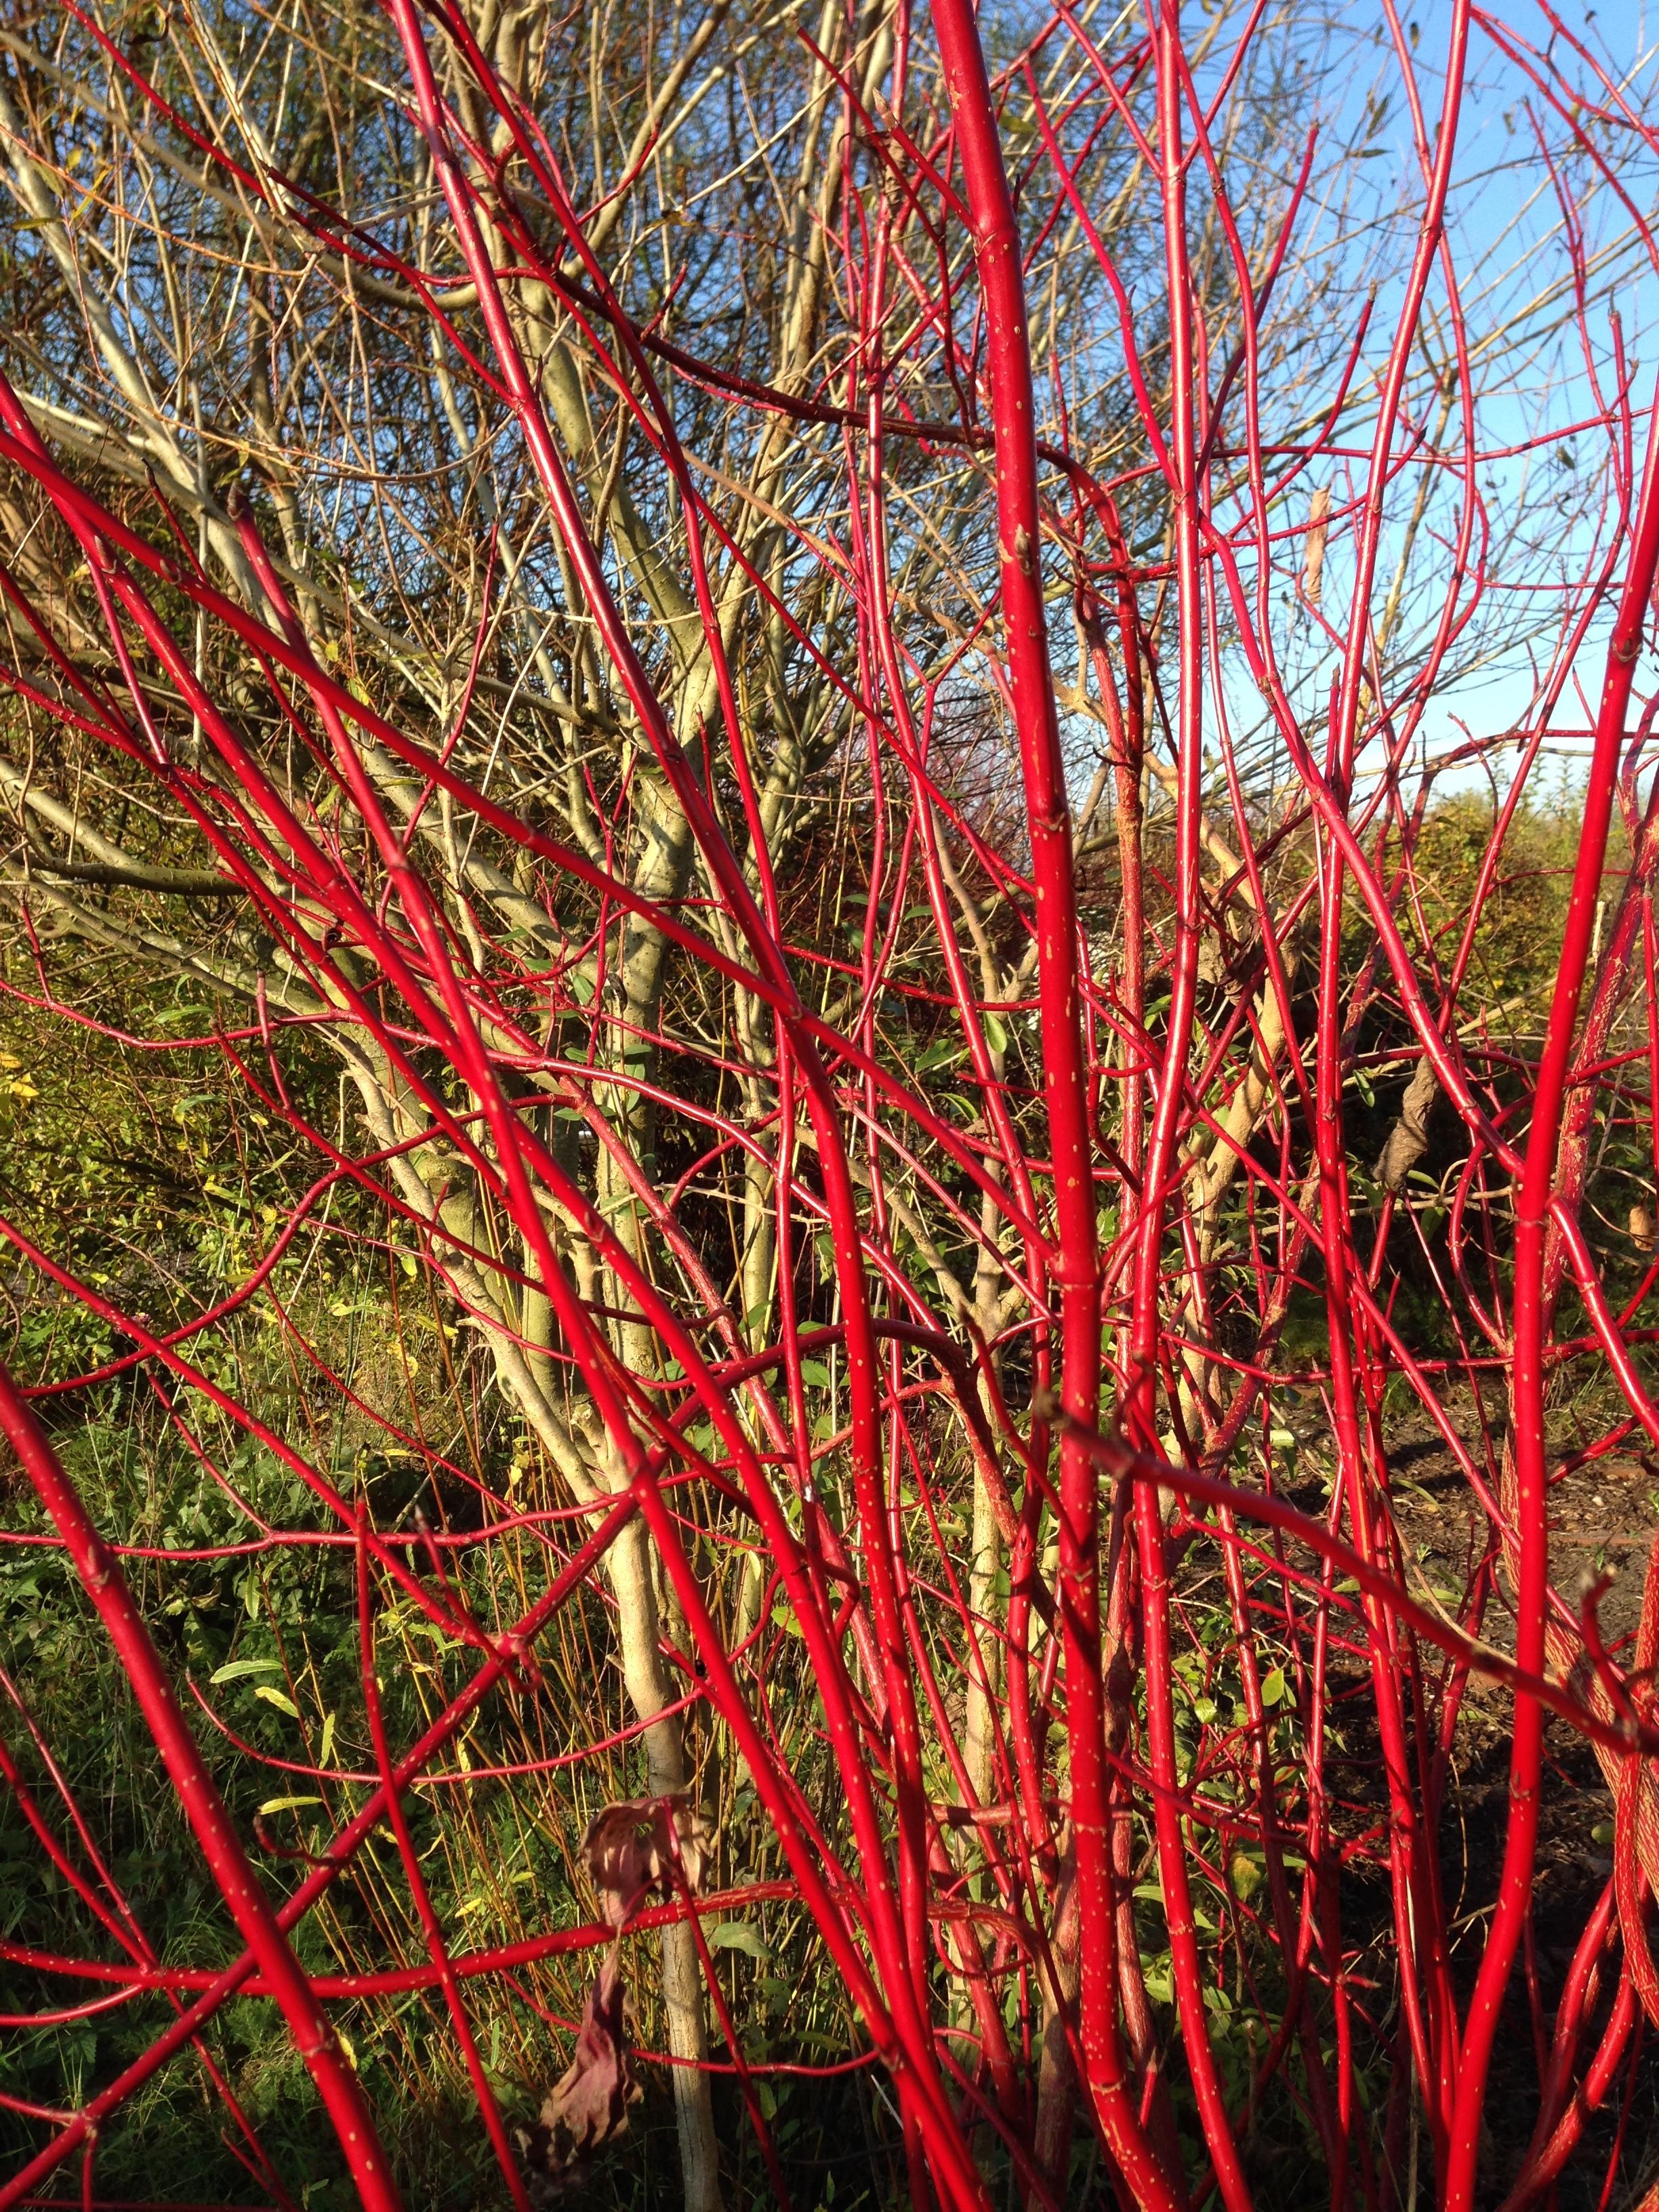 Rode kornoelje: alleen al daarom wil ik nu de tuin in -winter of geen winter.